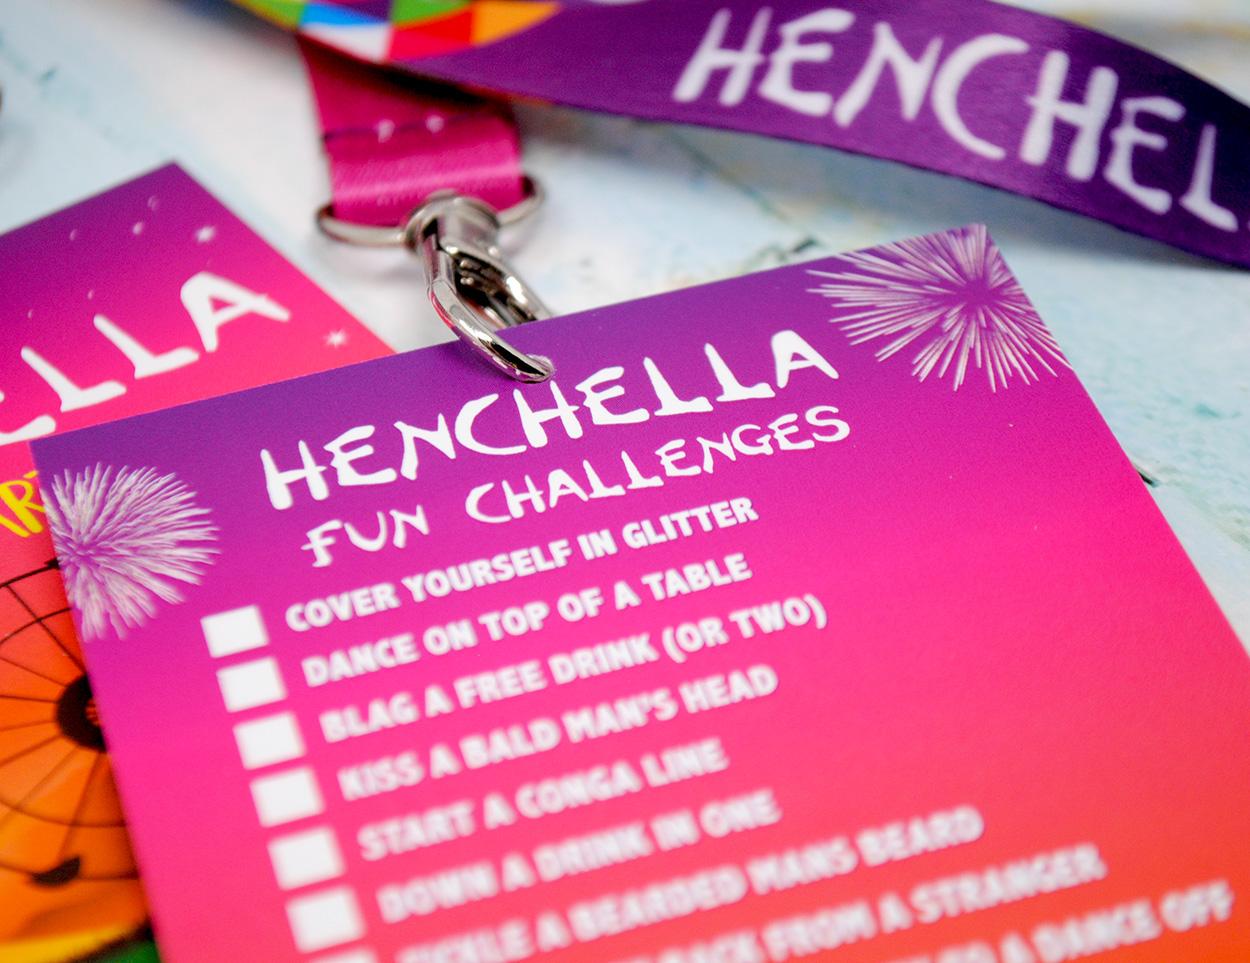 henchella festival hen party dares cards